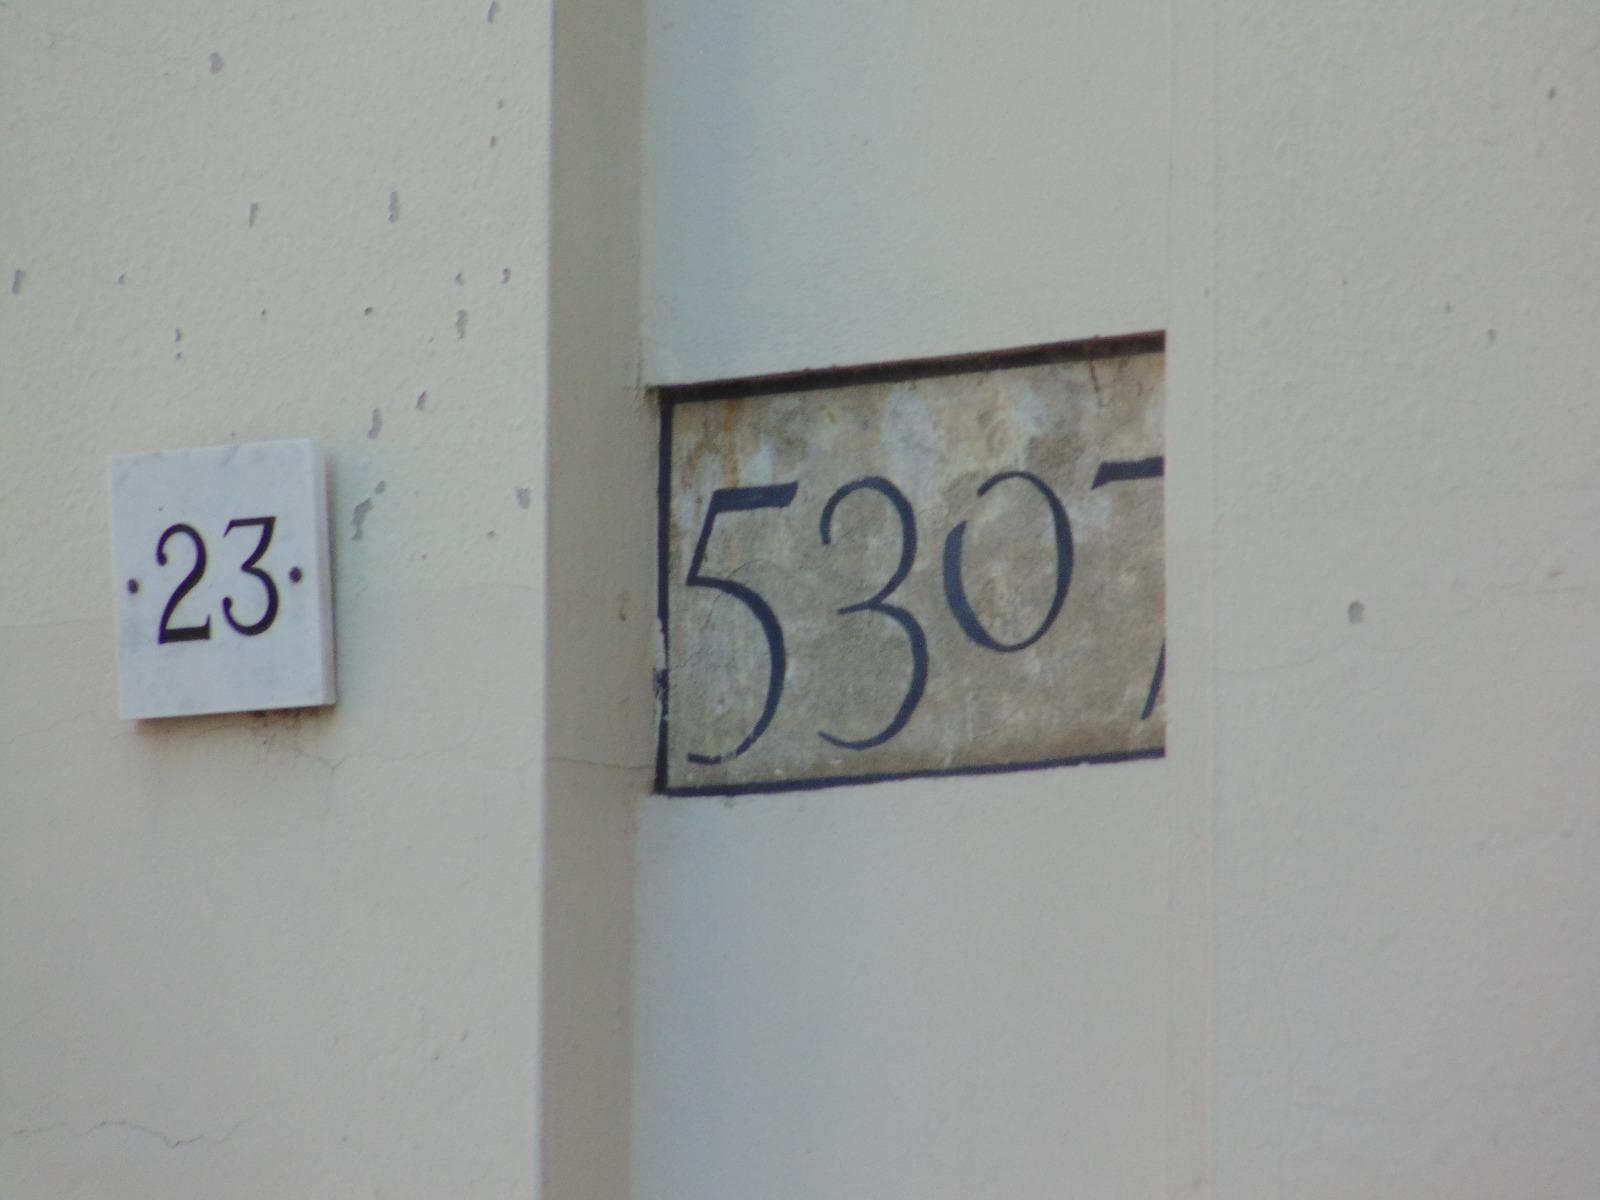 Strani numeri su alcuni palazzi di Milano